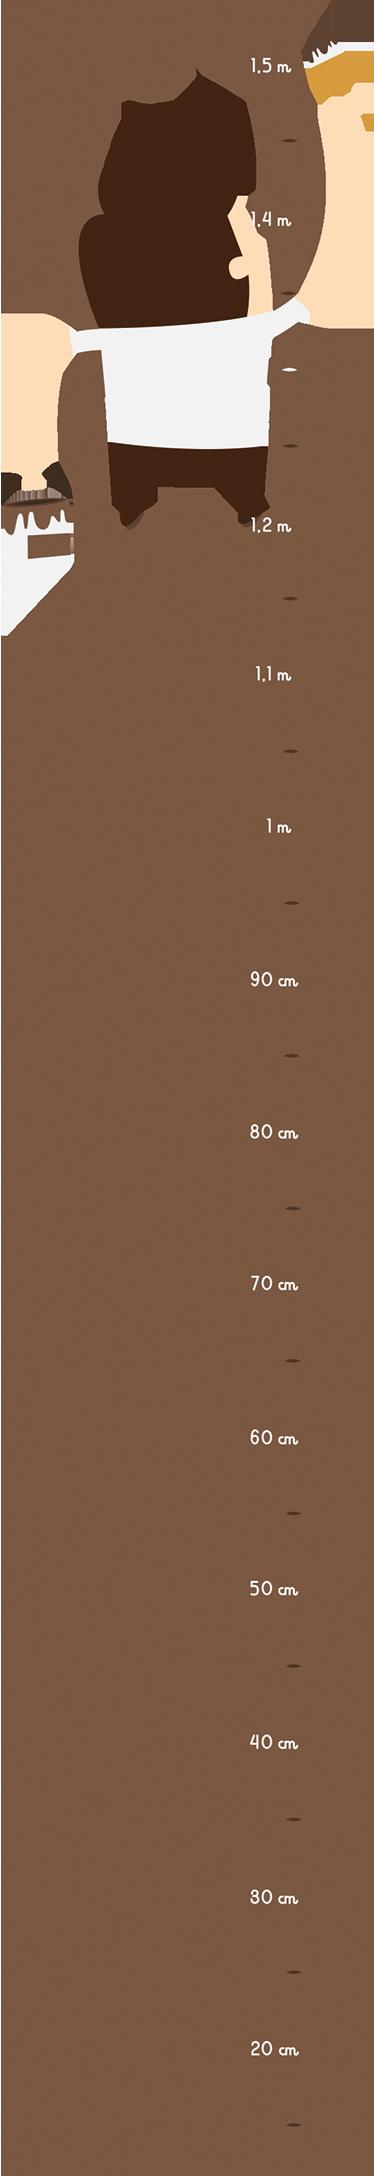 TenStickers. Schilder op een Meter Ladder Muursticker. Muursticker met een schilder die boven op een ladder staat, leuke wanddecoratie voor de kinderkamer, woonkamer of school.